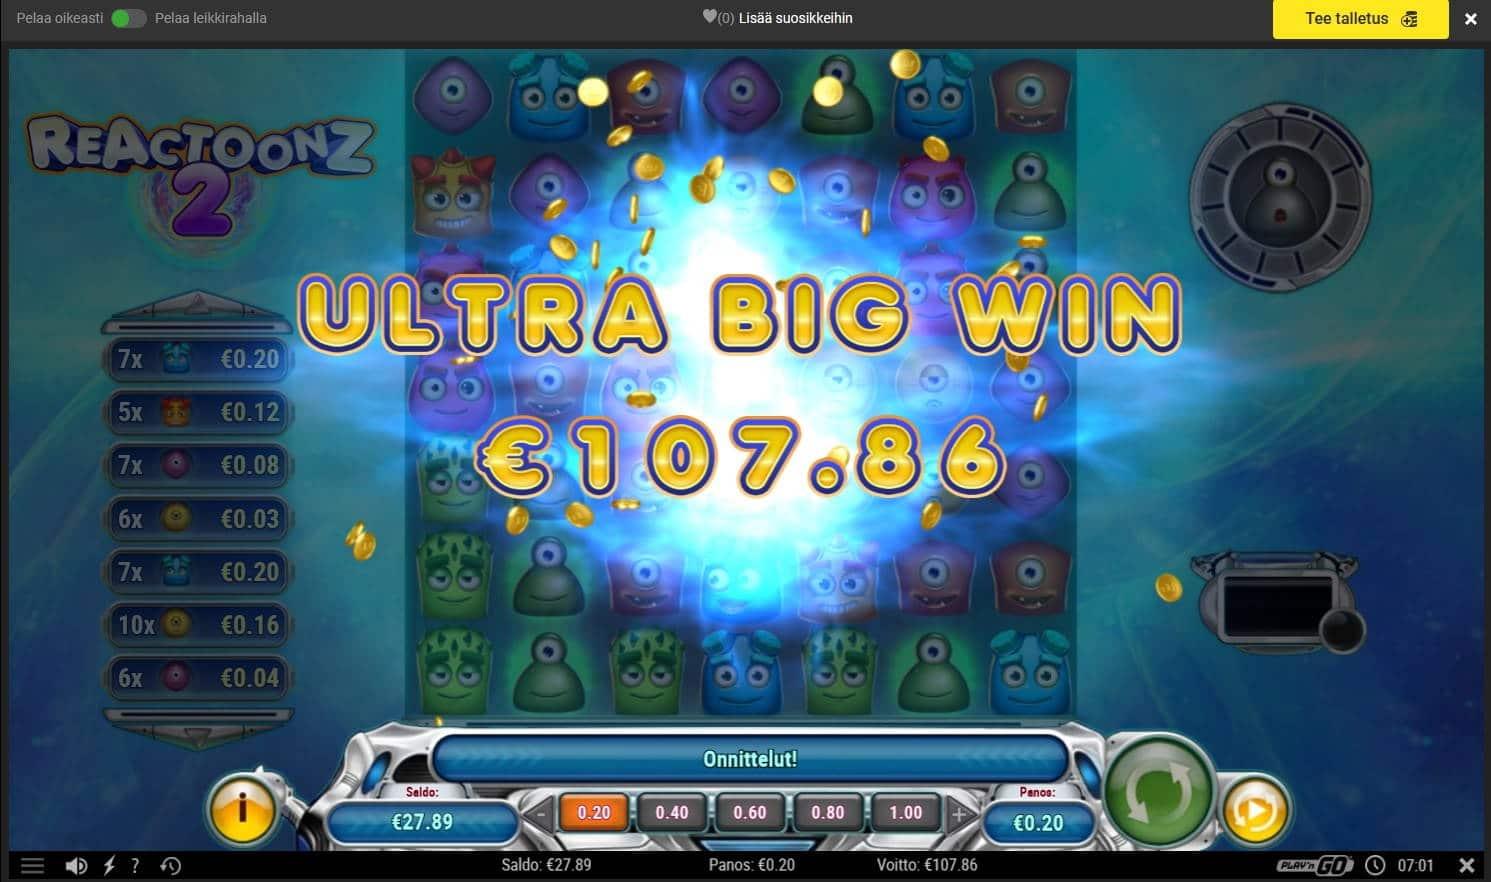 Reactoonz 2 Casino win picture by MrMork666 16.11.2020 107.86e 539X